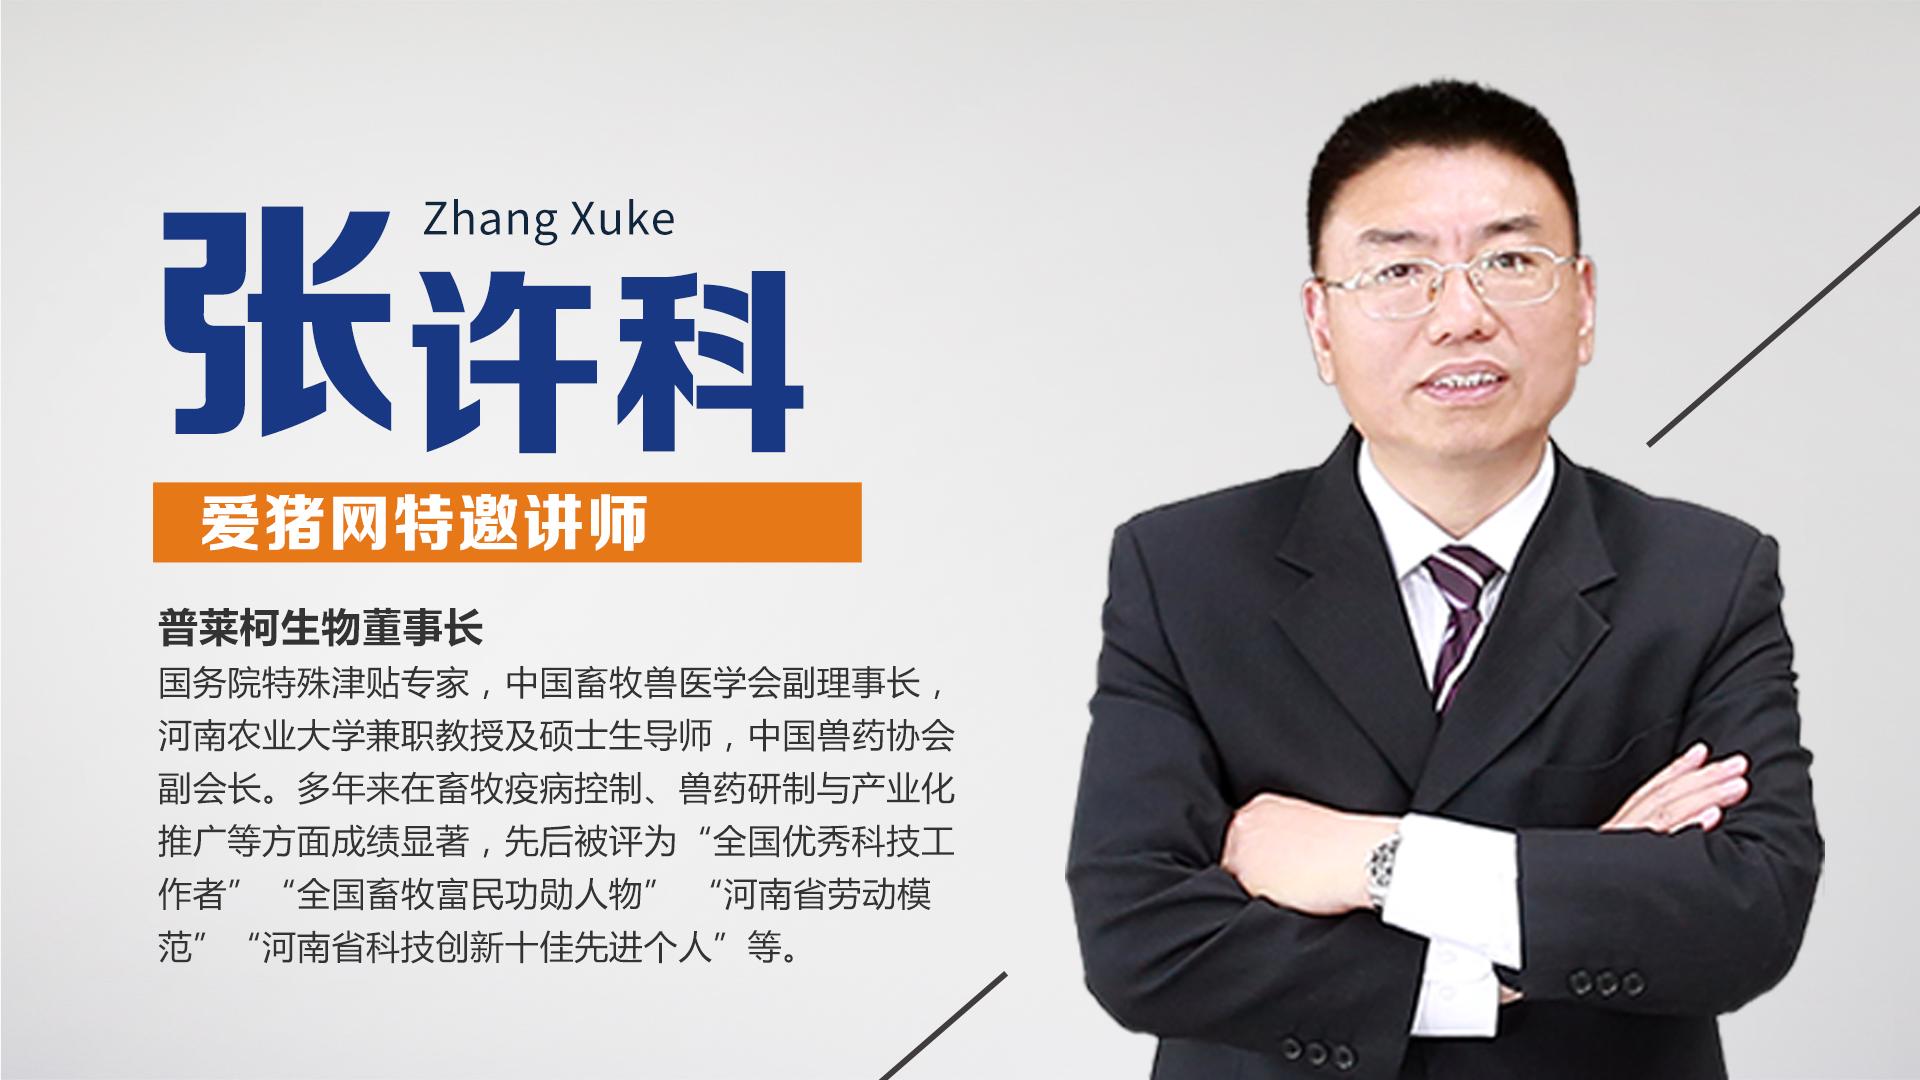 普莱柯云课堂 | 张许科:普莱柯为中国猪业伪狂犬防控提供方案